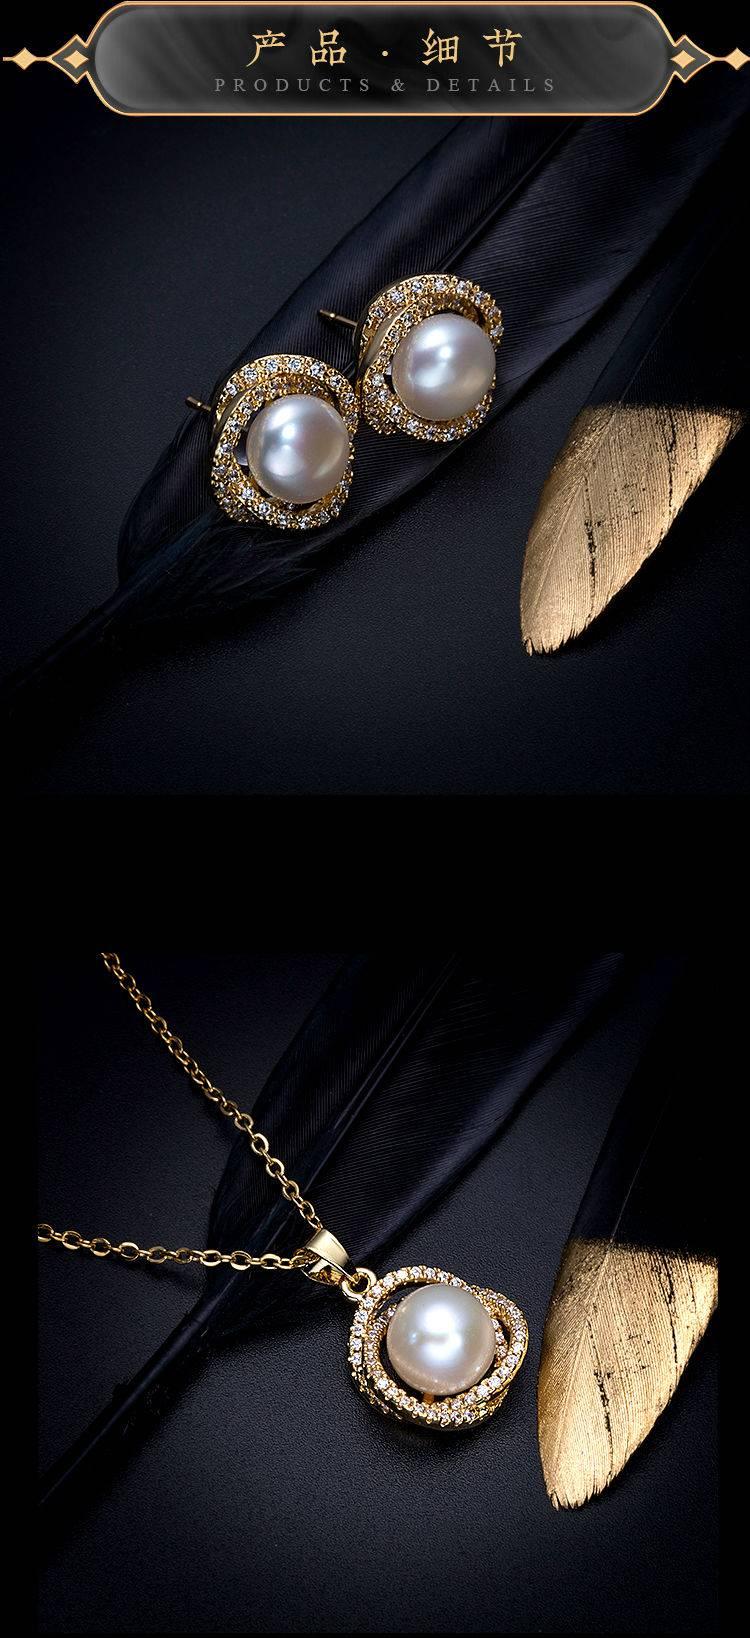 【全国包邮】520送礼大惊喜!149元抢1990元『法国奥利维拉』珍珠饰品三件套:吊坠+耳钉+戒指,首饰礼盒,精美包装~